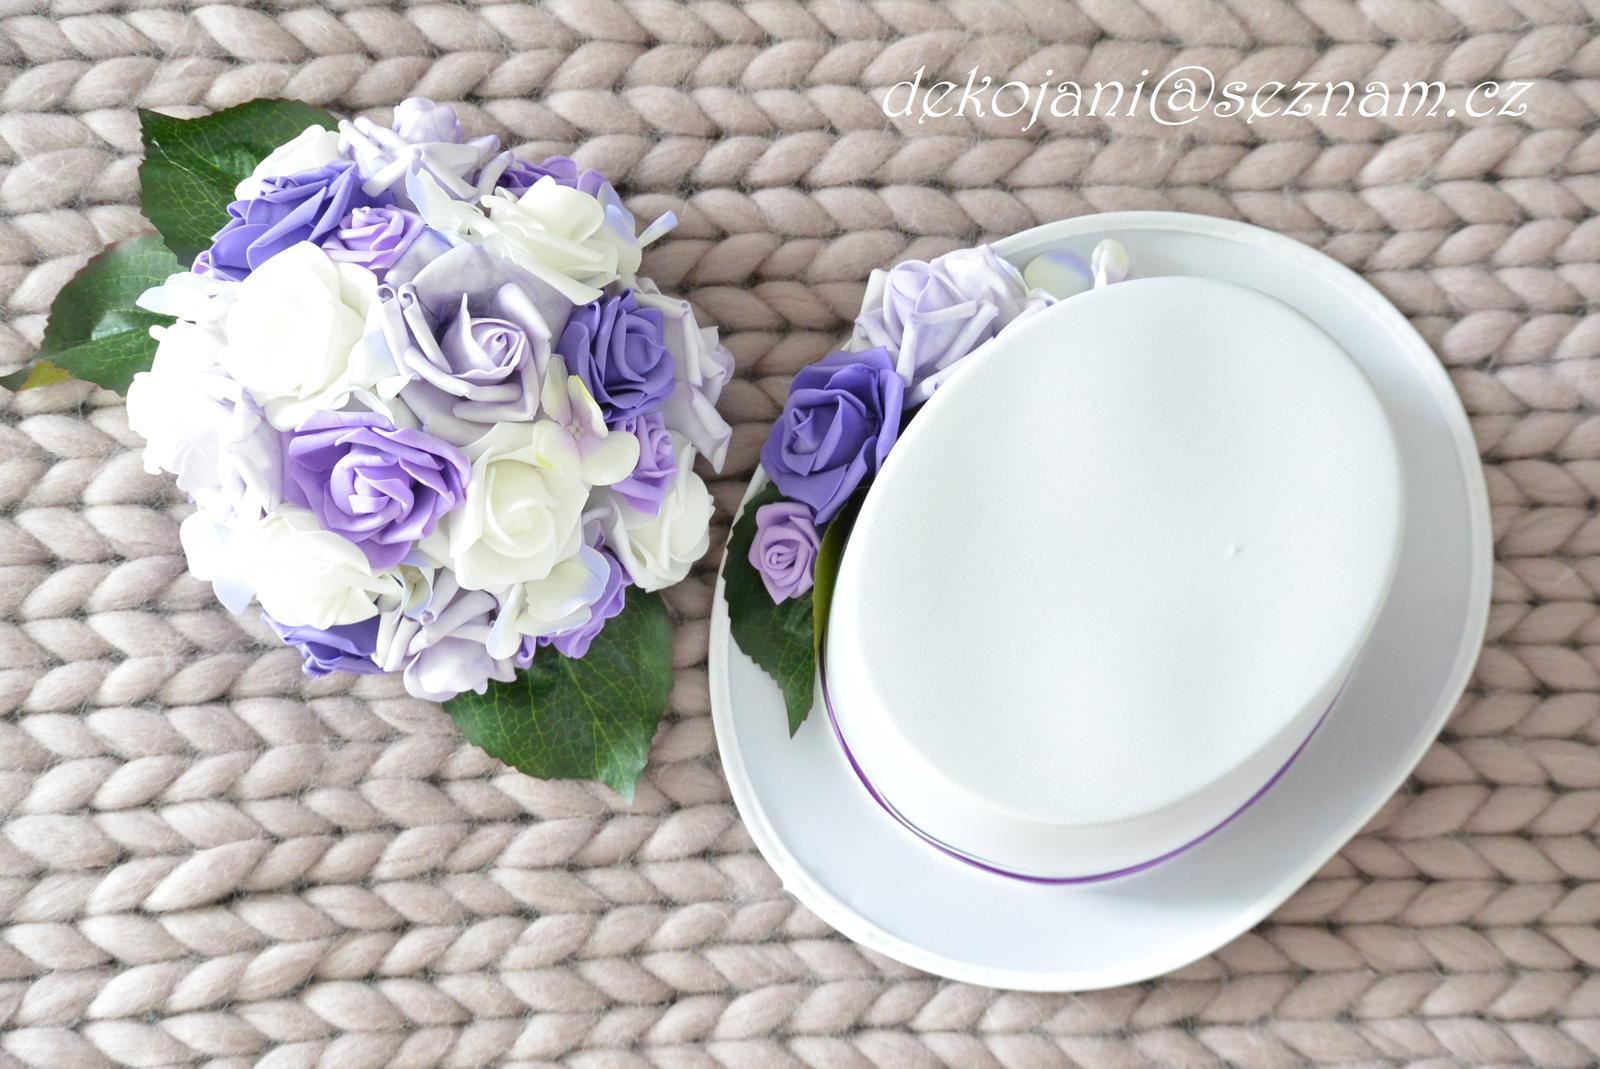 Luxusní svatební doplňky a dekorace. - Obrázek č. 61